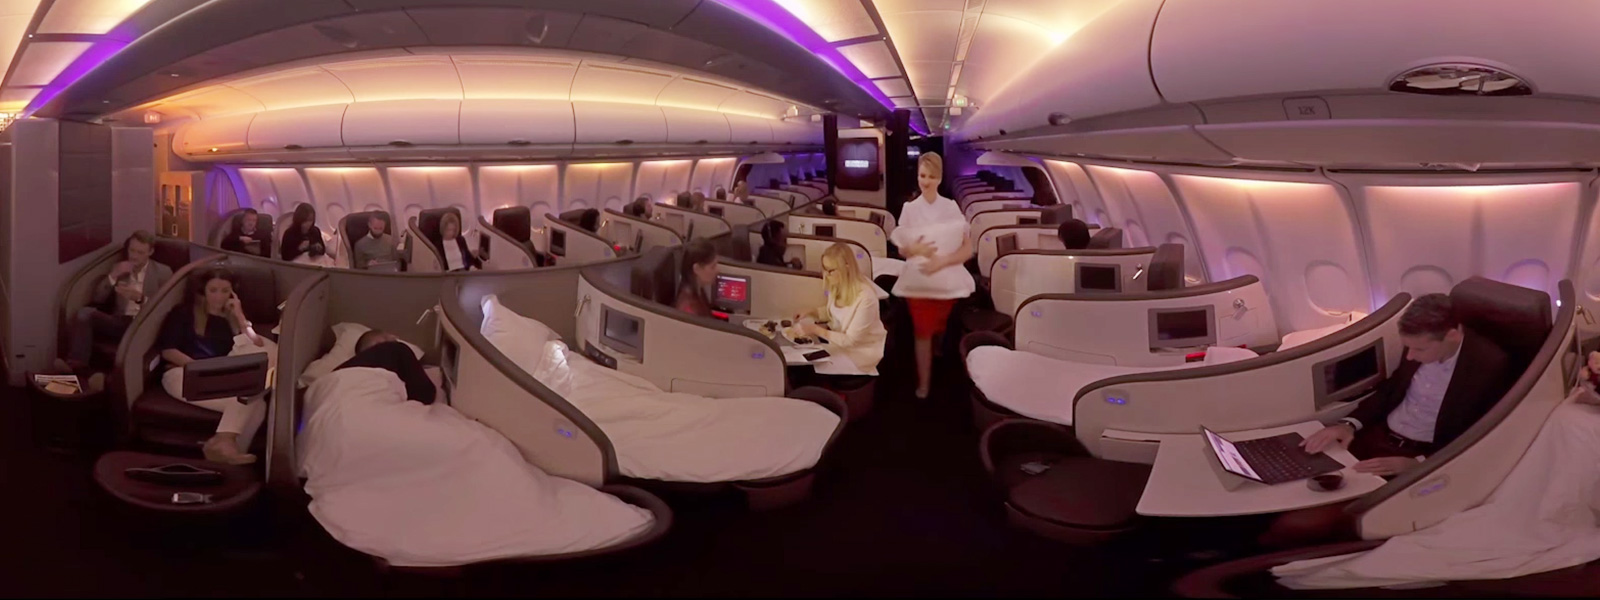 兩位搭乘 Virgin Atlantic 班機的乘客正在使用座位靠頭處上的觸控式螢幕